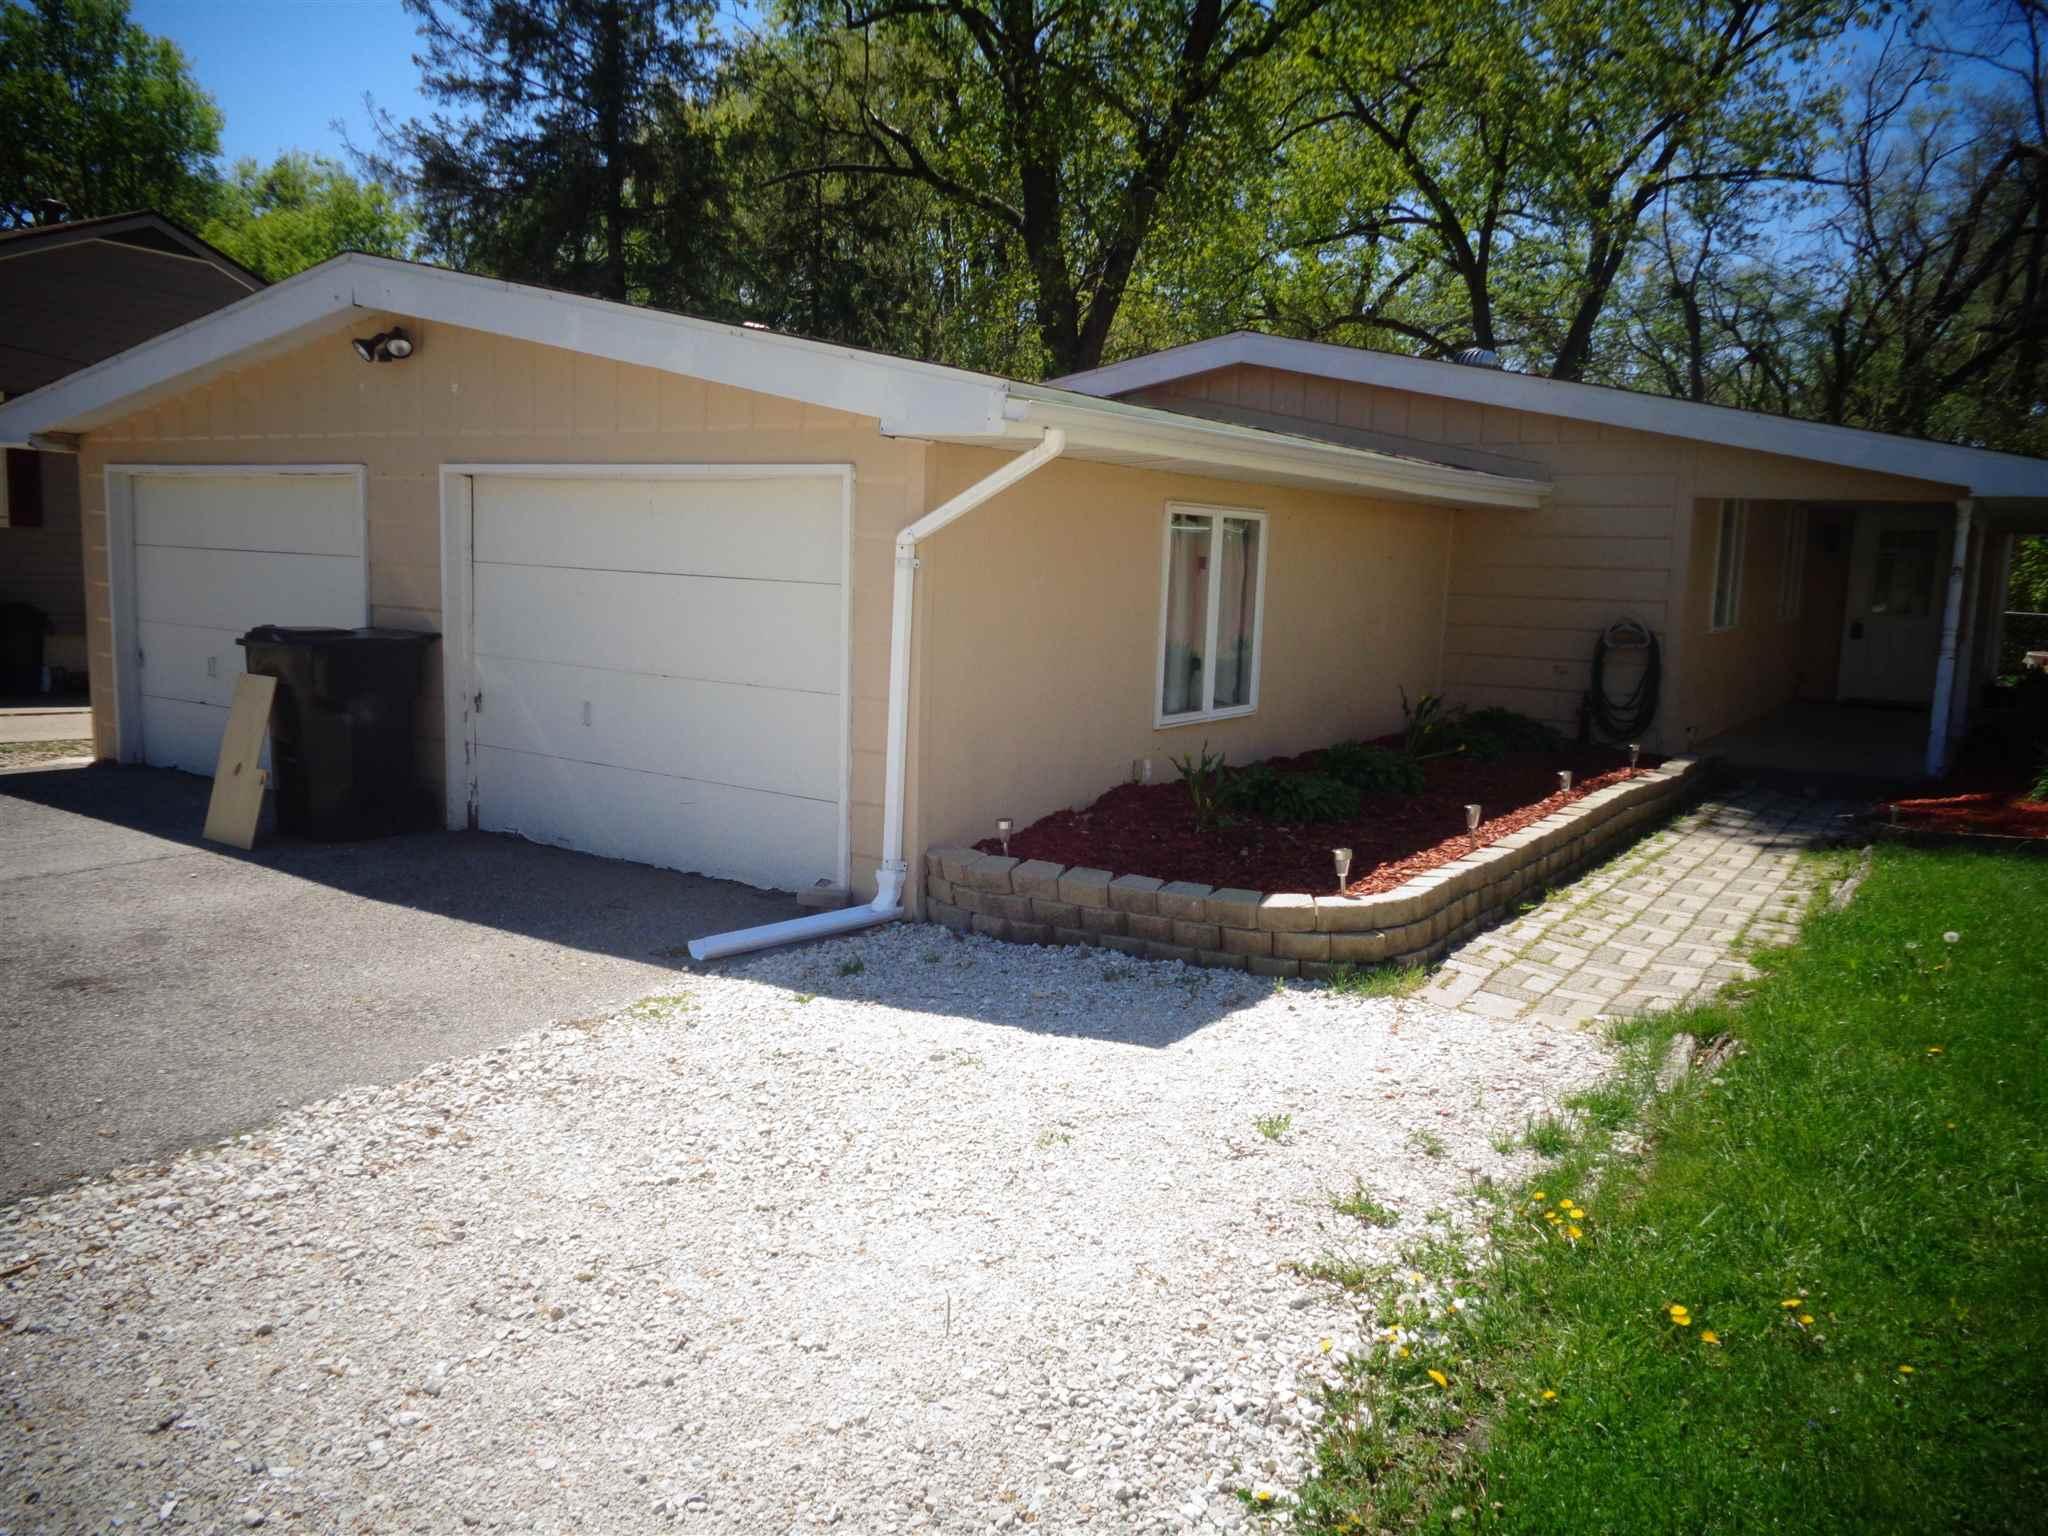 4201 S GRANVILLE Property Photo - Bartonville, IL real estate listing